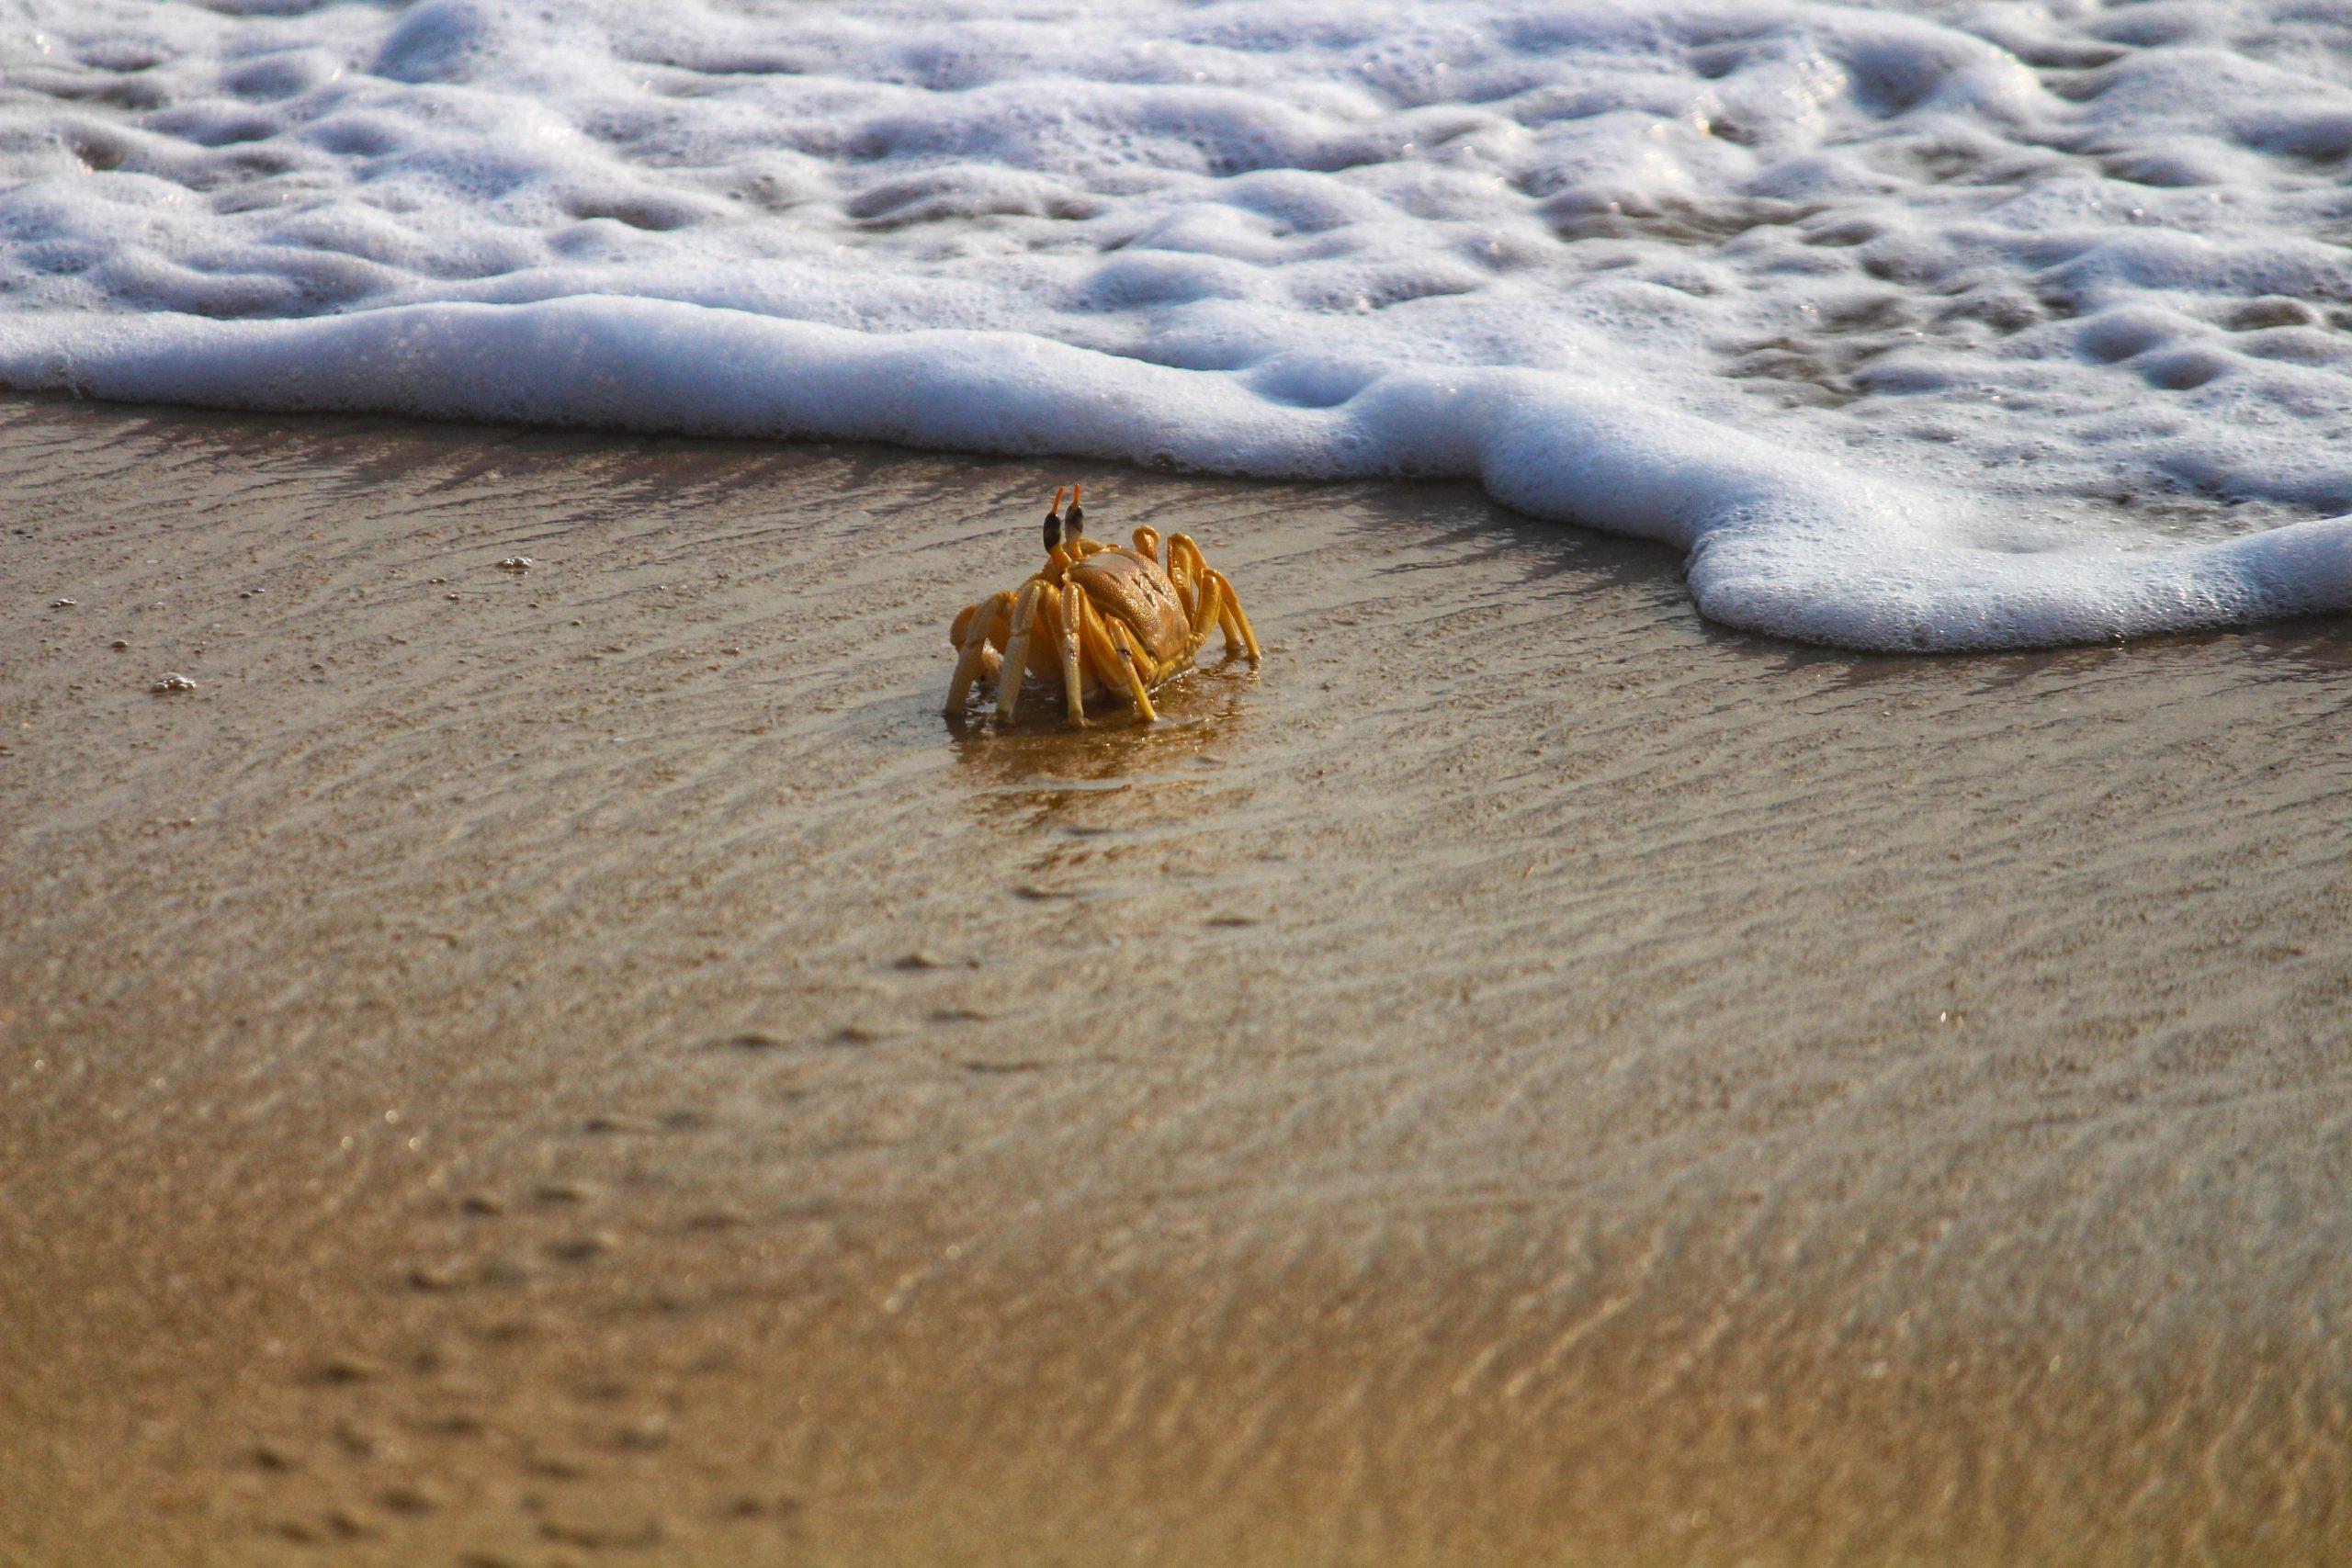 A Crab Photo Taken Along the Shore